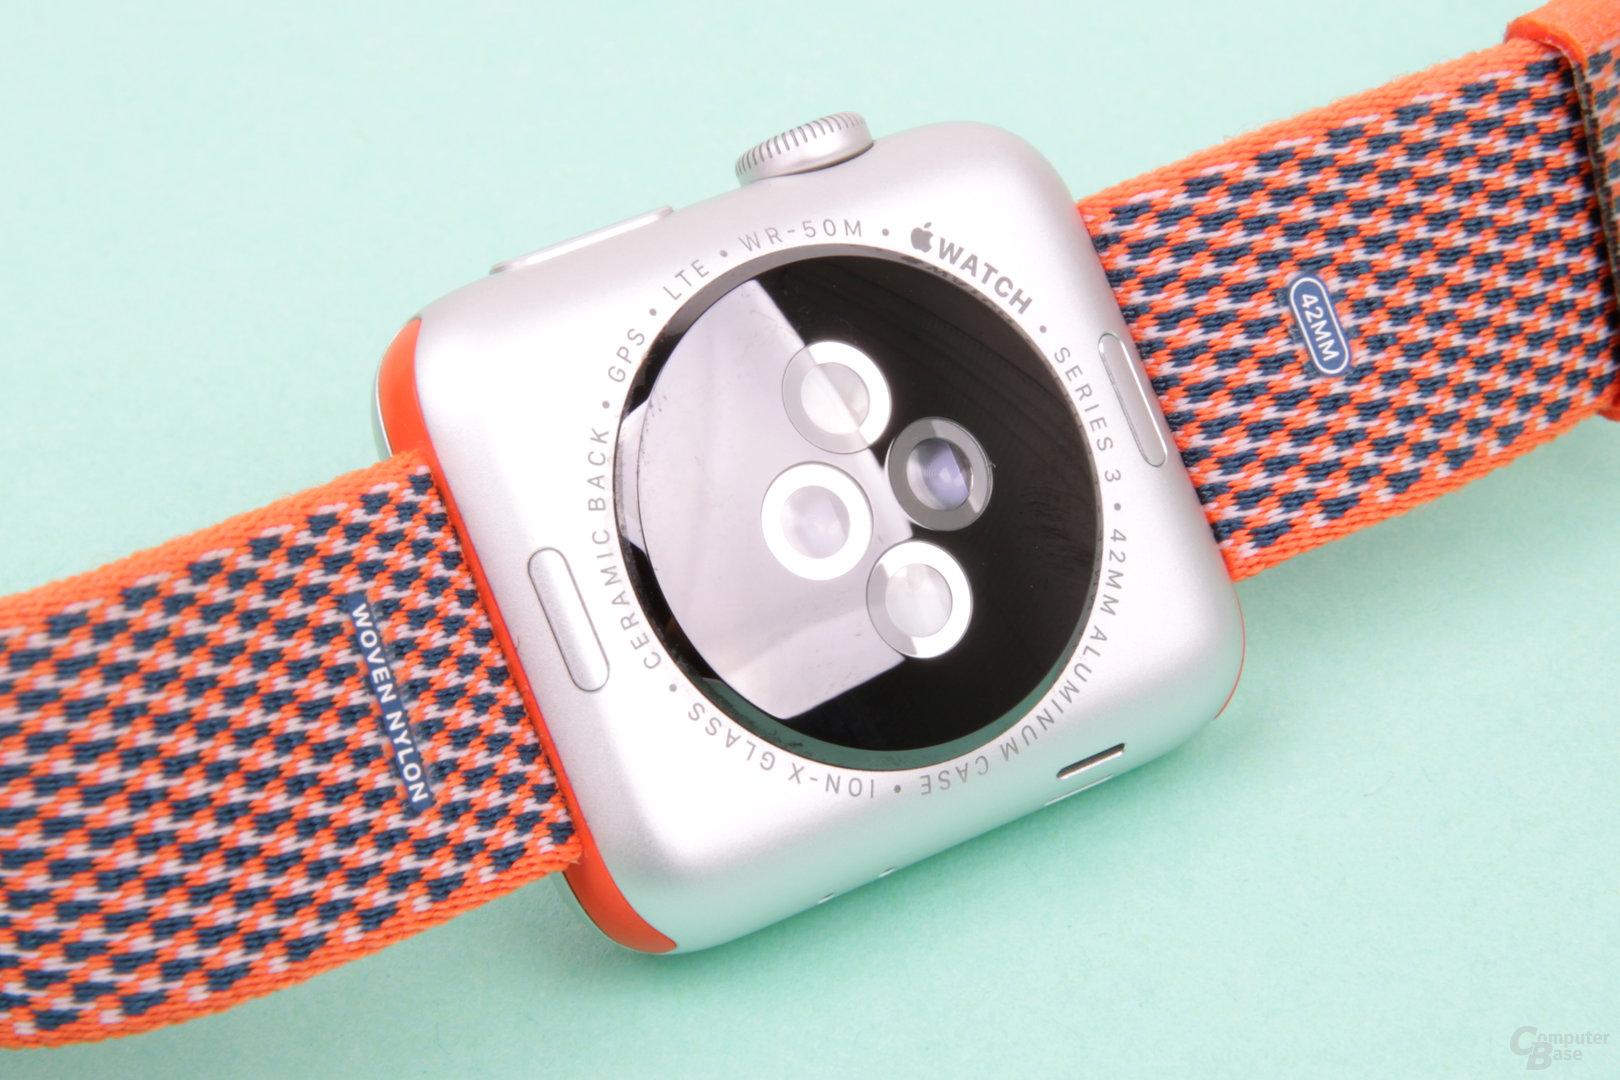 Sensoren für Pulsmessung auf der Rückseite